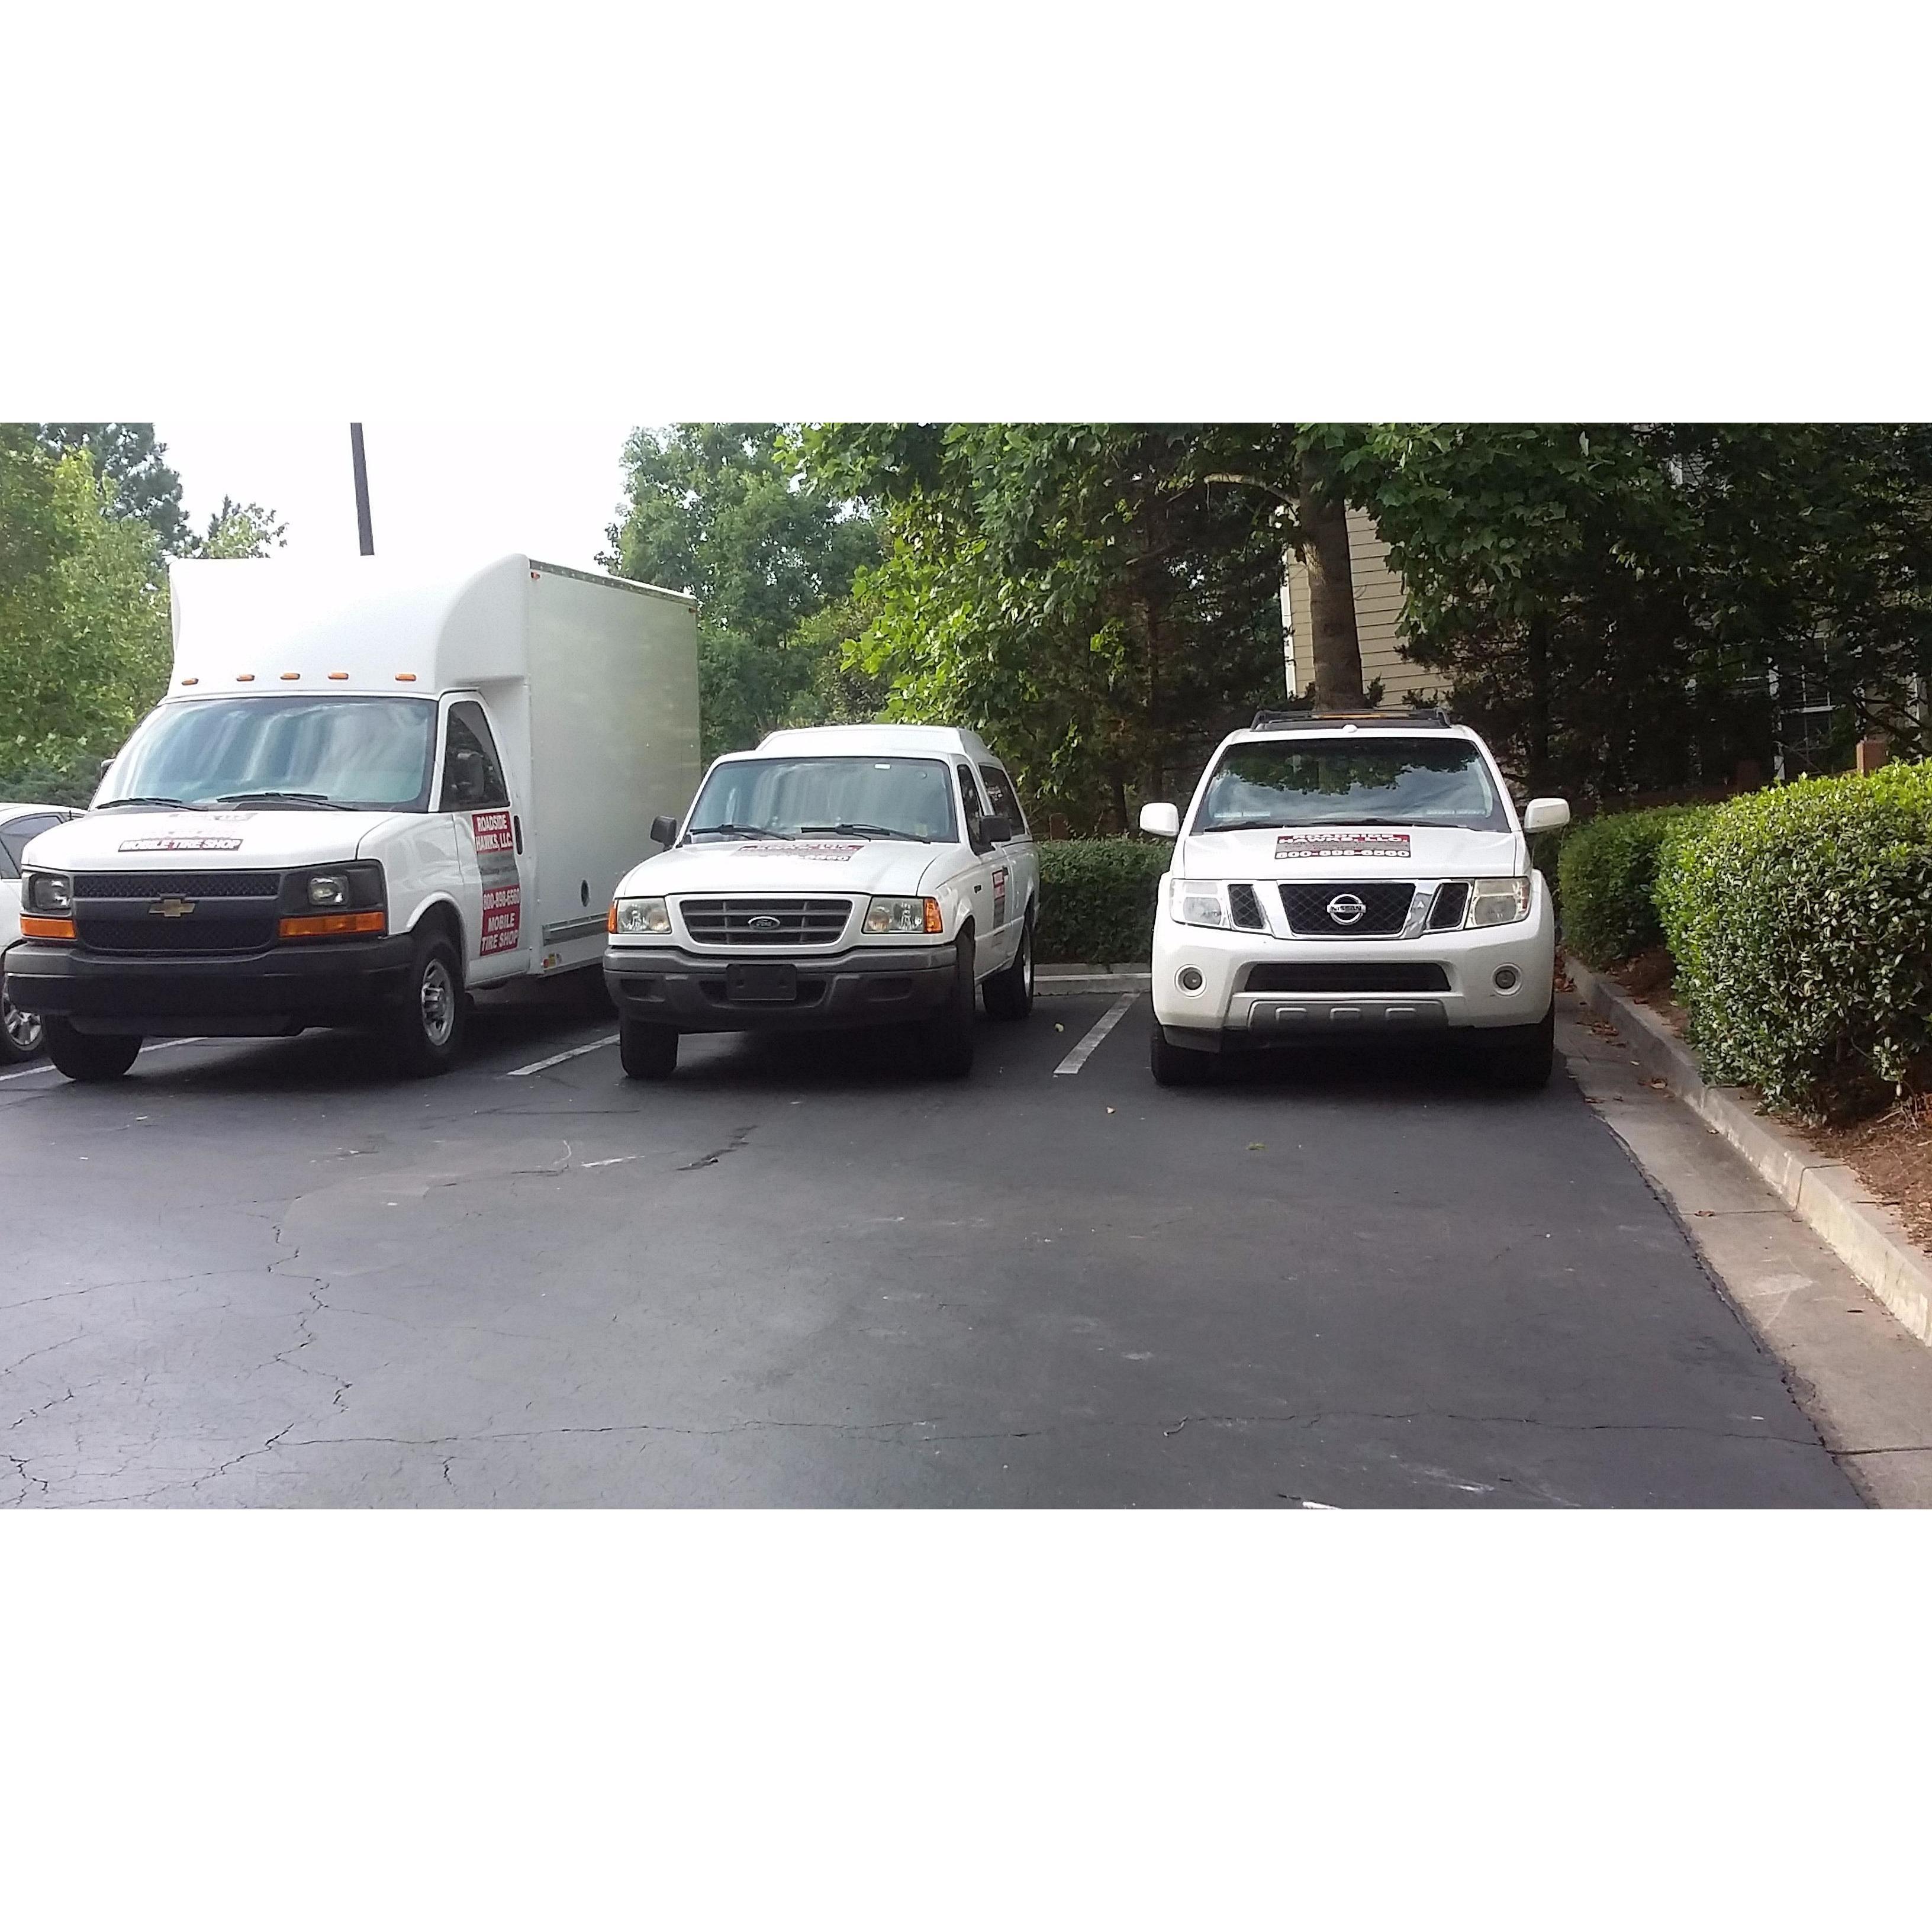 Tire Shop in GA Atlanta 30305 24 HOUR ROADSIDE HAWKS TRAVELING TIRE SHOP 2870 Peachtree Road  (404)478-7887